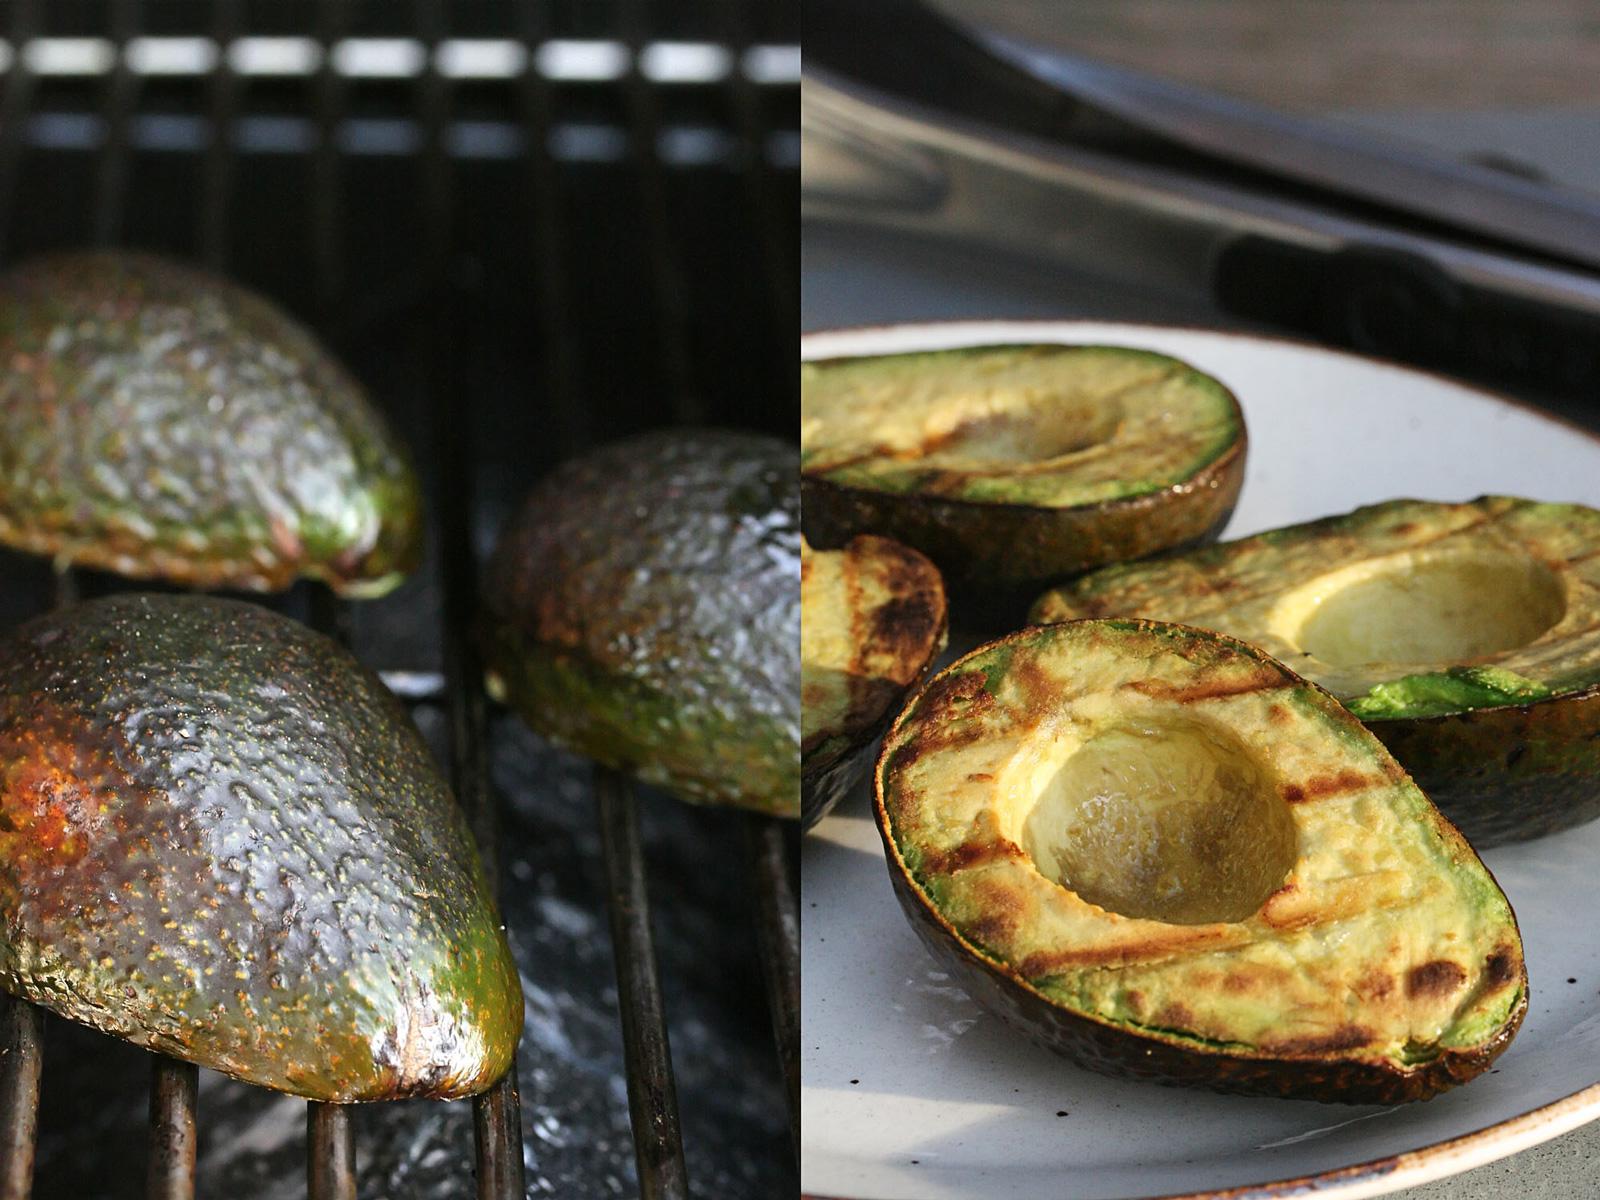 Mit pikanter Sauce noch leckerer: Gegrillte Avocados